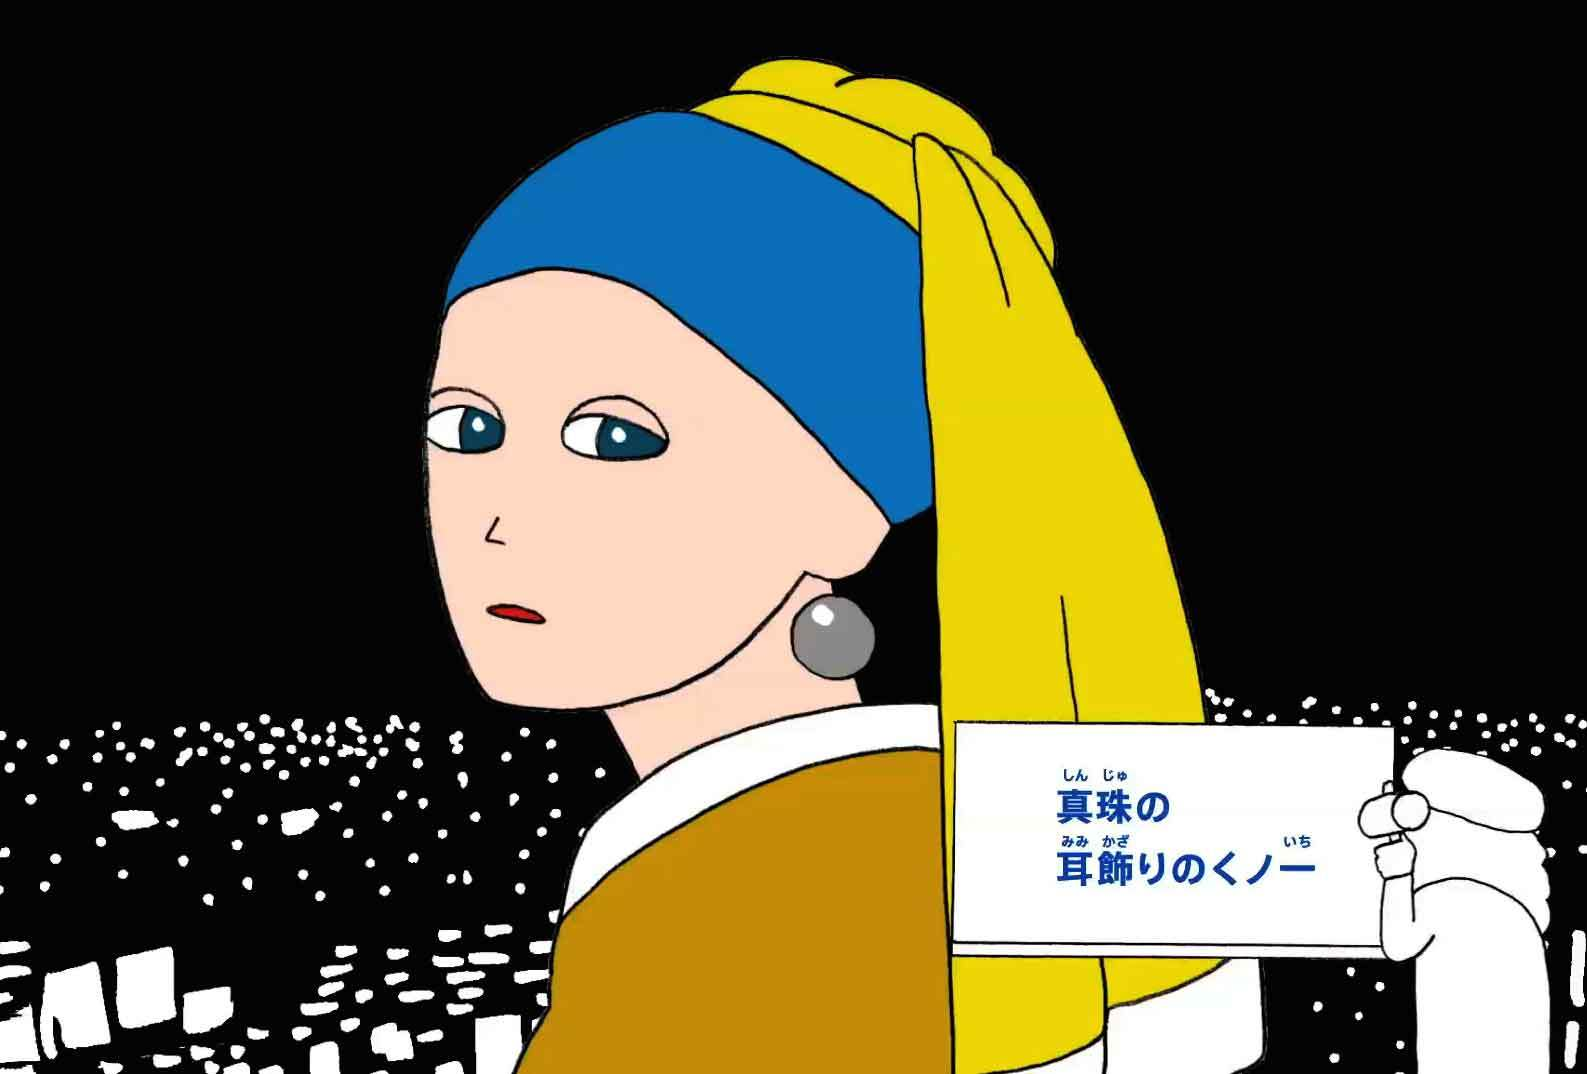 びじゅチューン!《真珠の耳飾りのくノ一》(C)NHK・井上涼2018